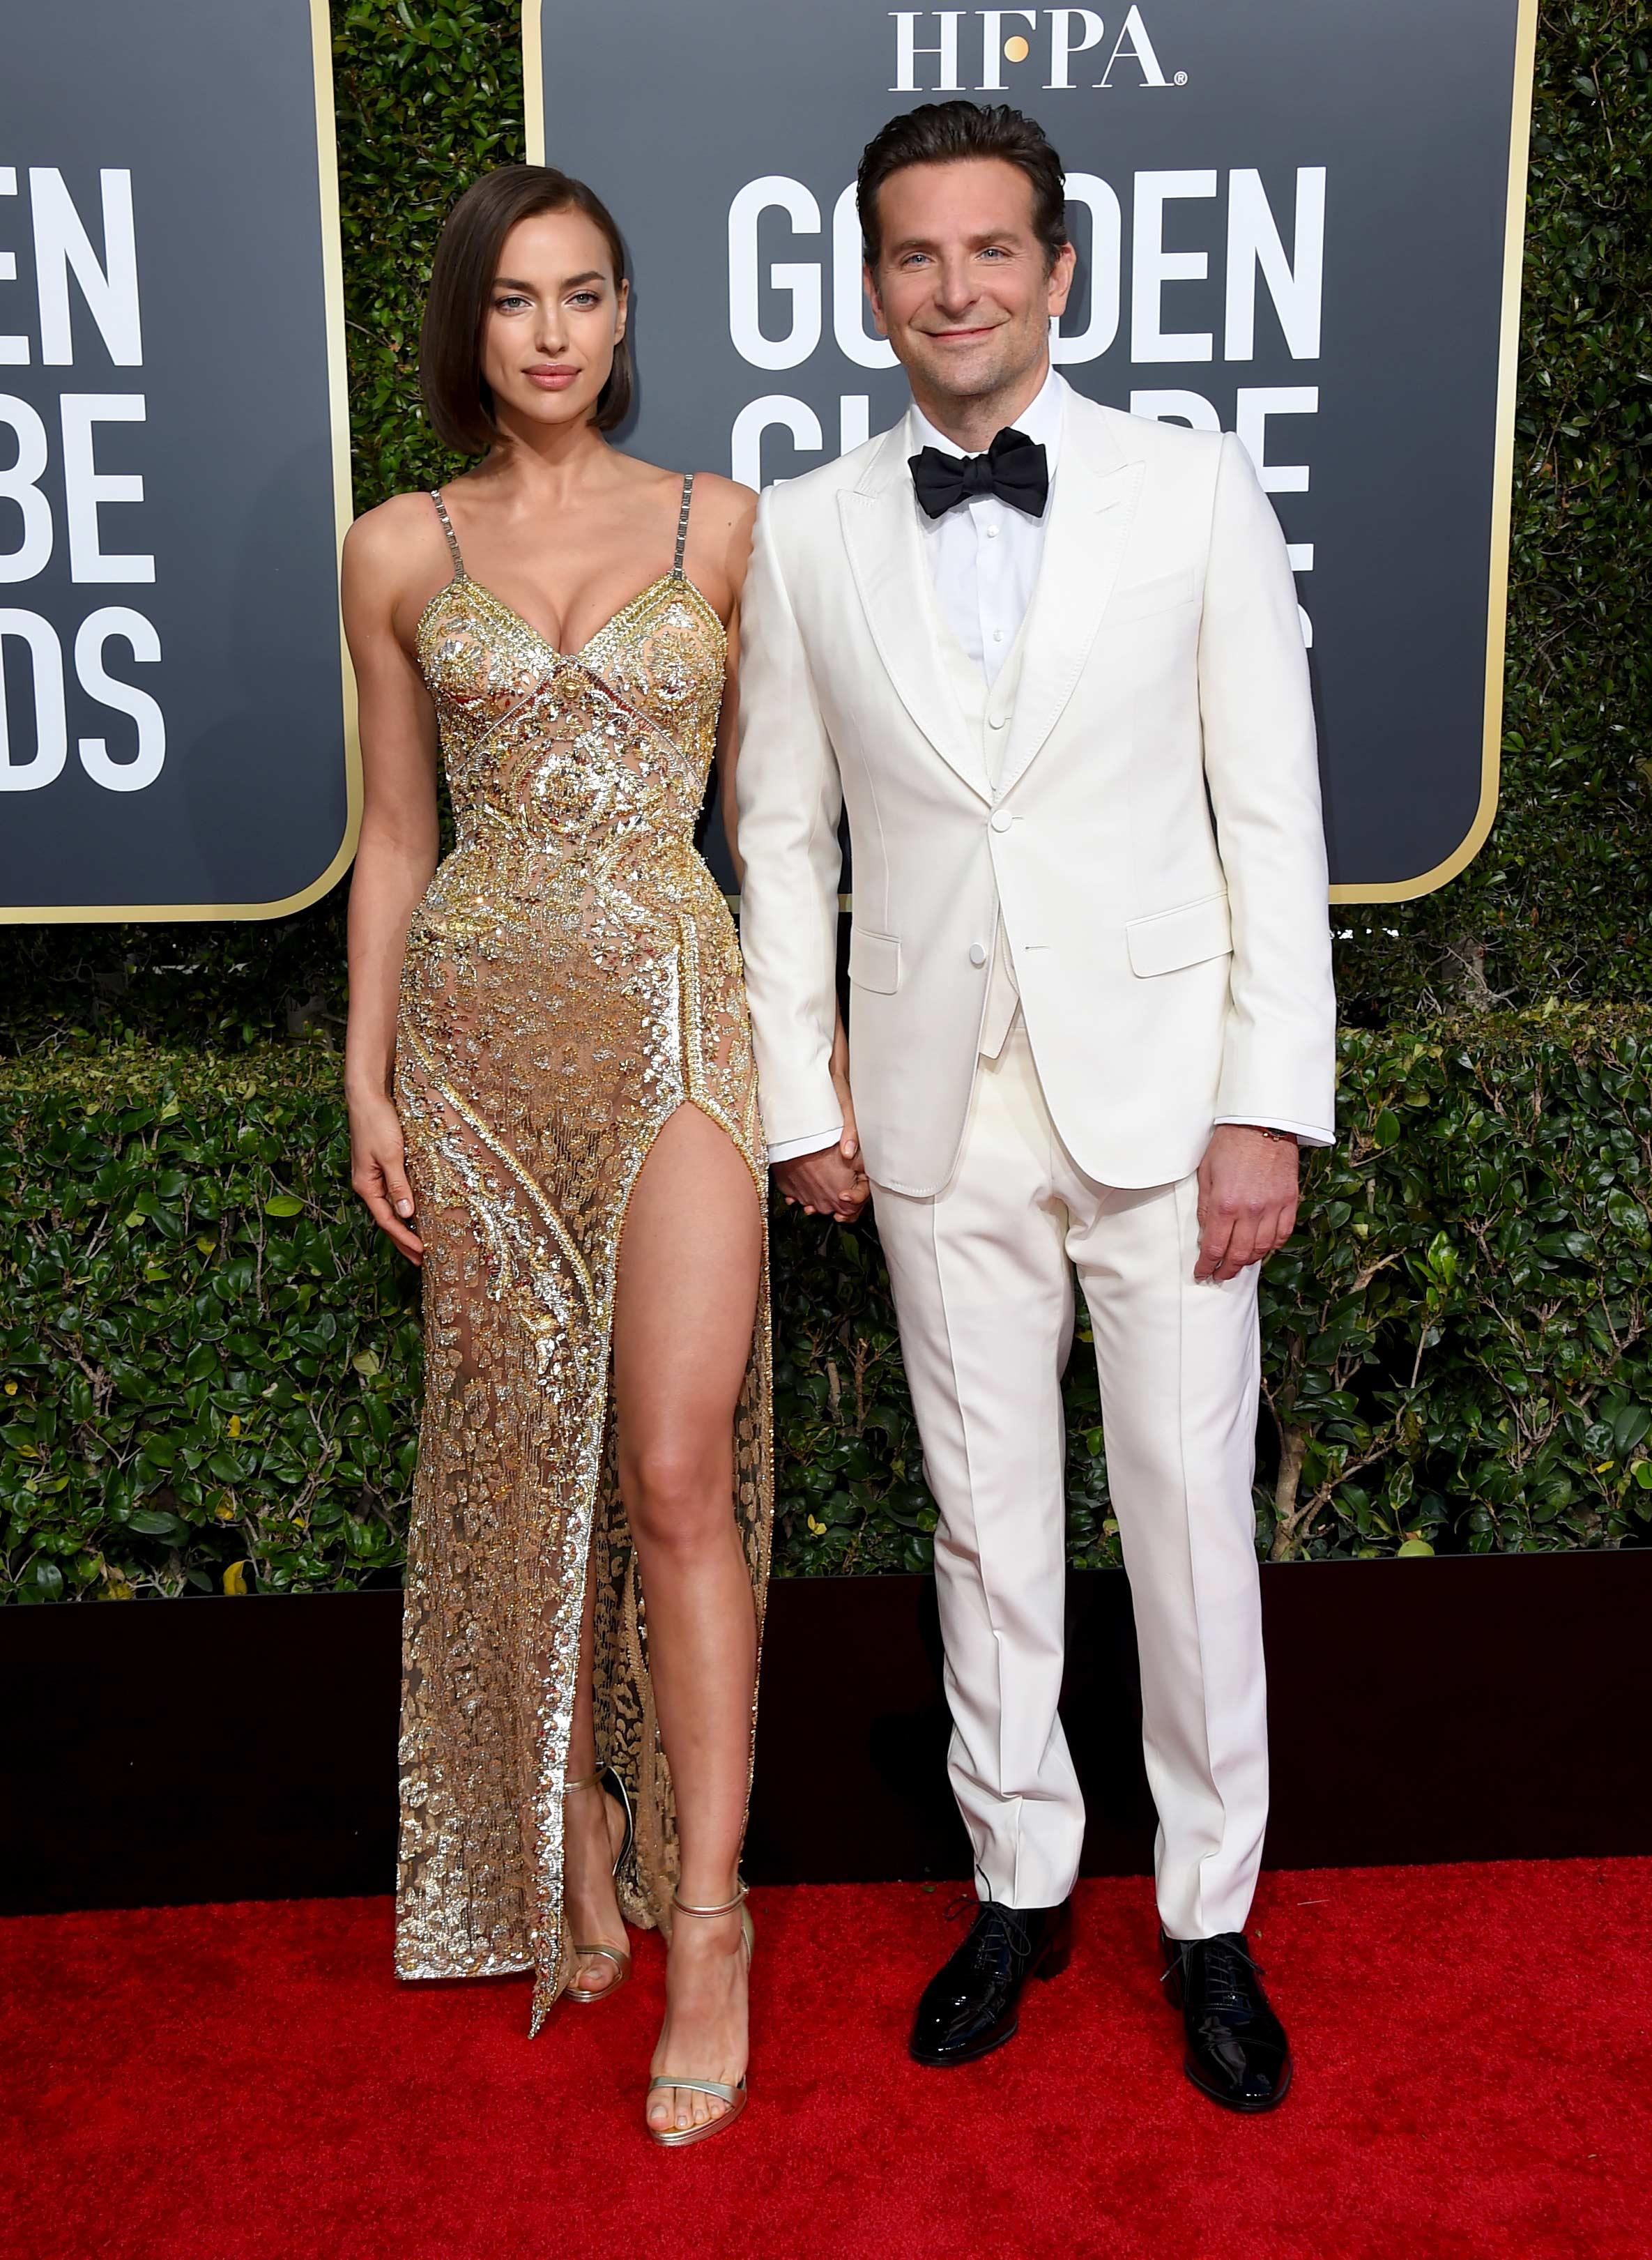 La modelo Irina Shayk, junto a su marido Bradley Cooper, uno de los actores que subió al escenario a presentar uno de los galardones. (Foto: AP)